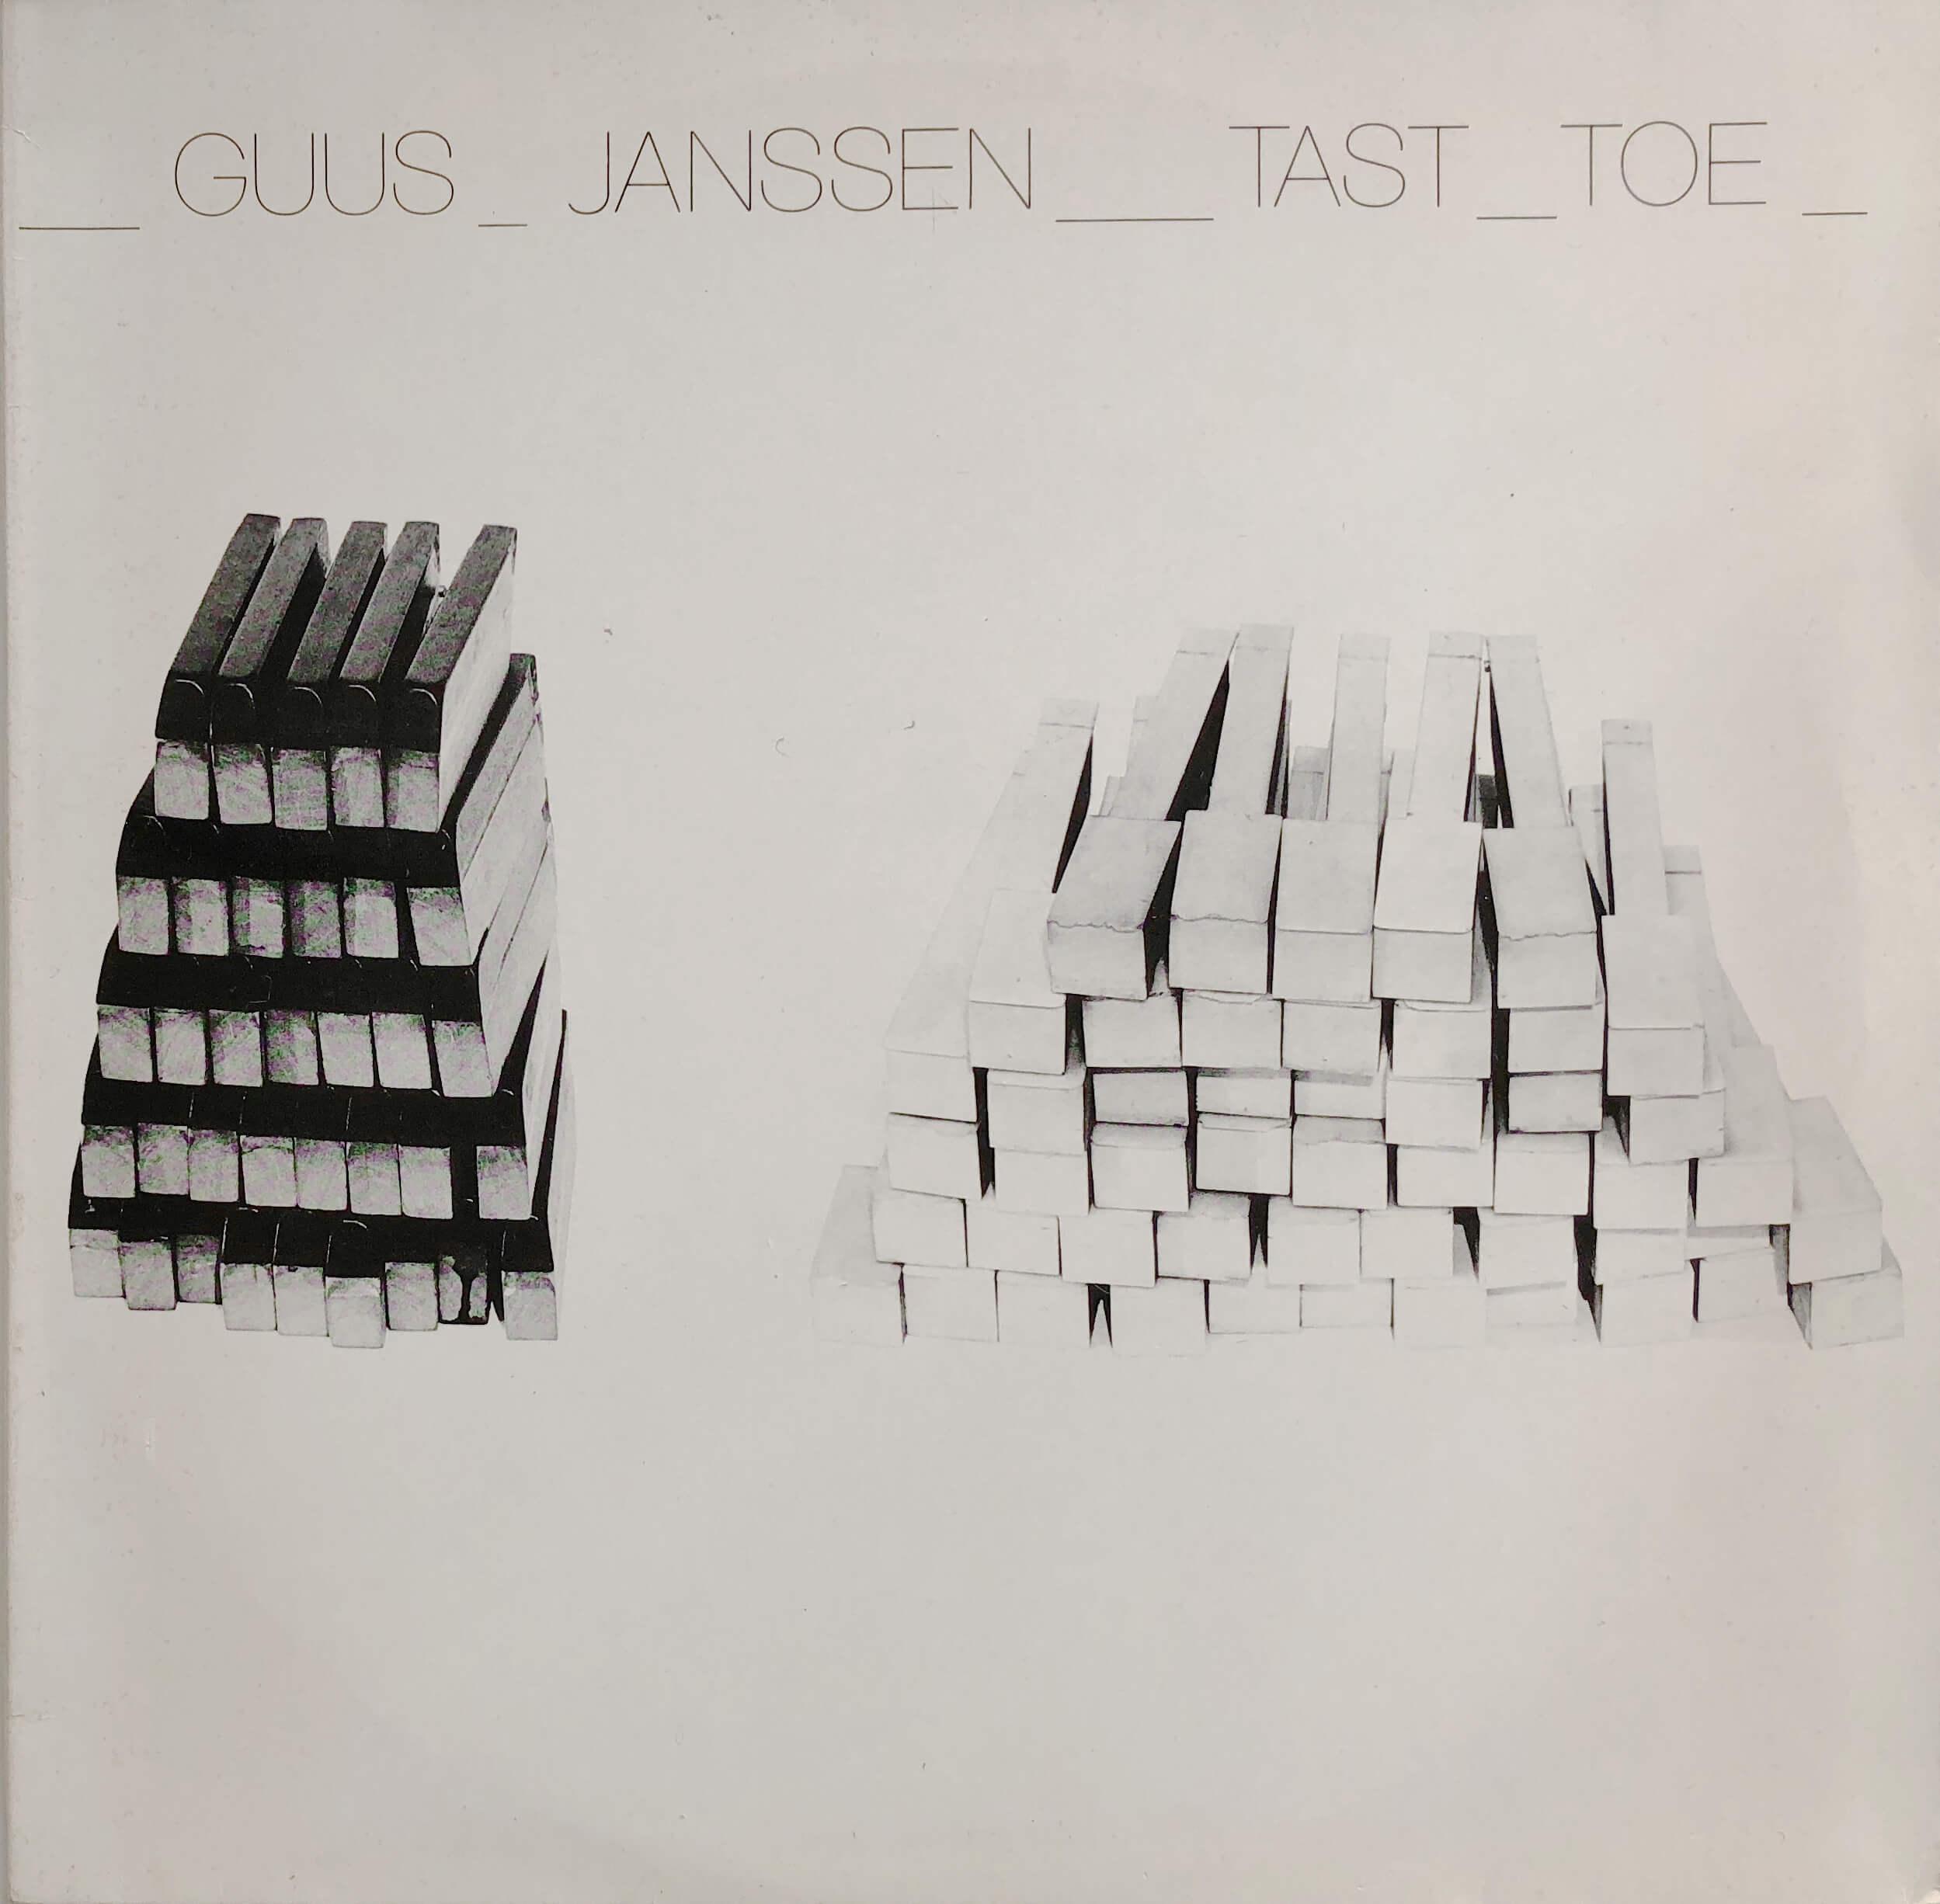 2018-09-06 - guus-janssen-tast-toe.jpg